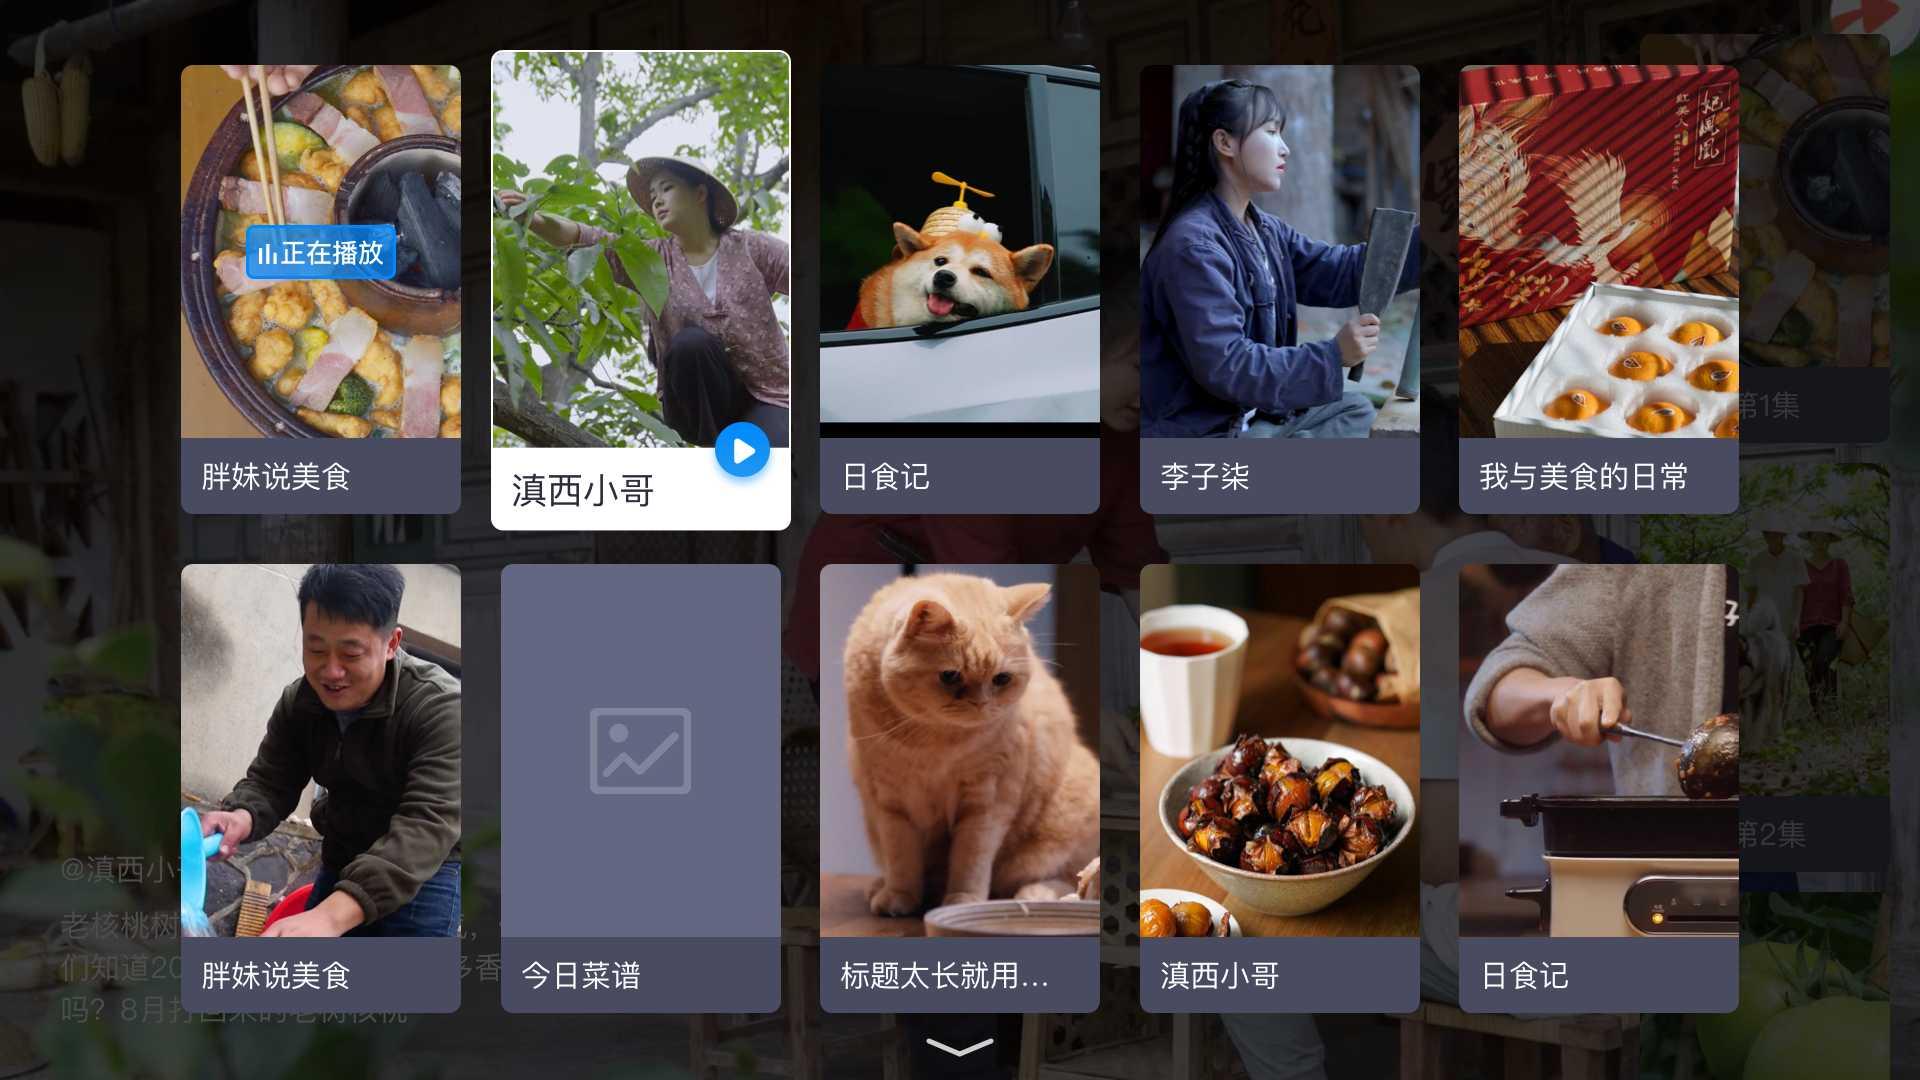 电视家tv版apk安装包 V3.0 安卓电视版截图5